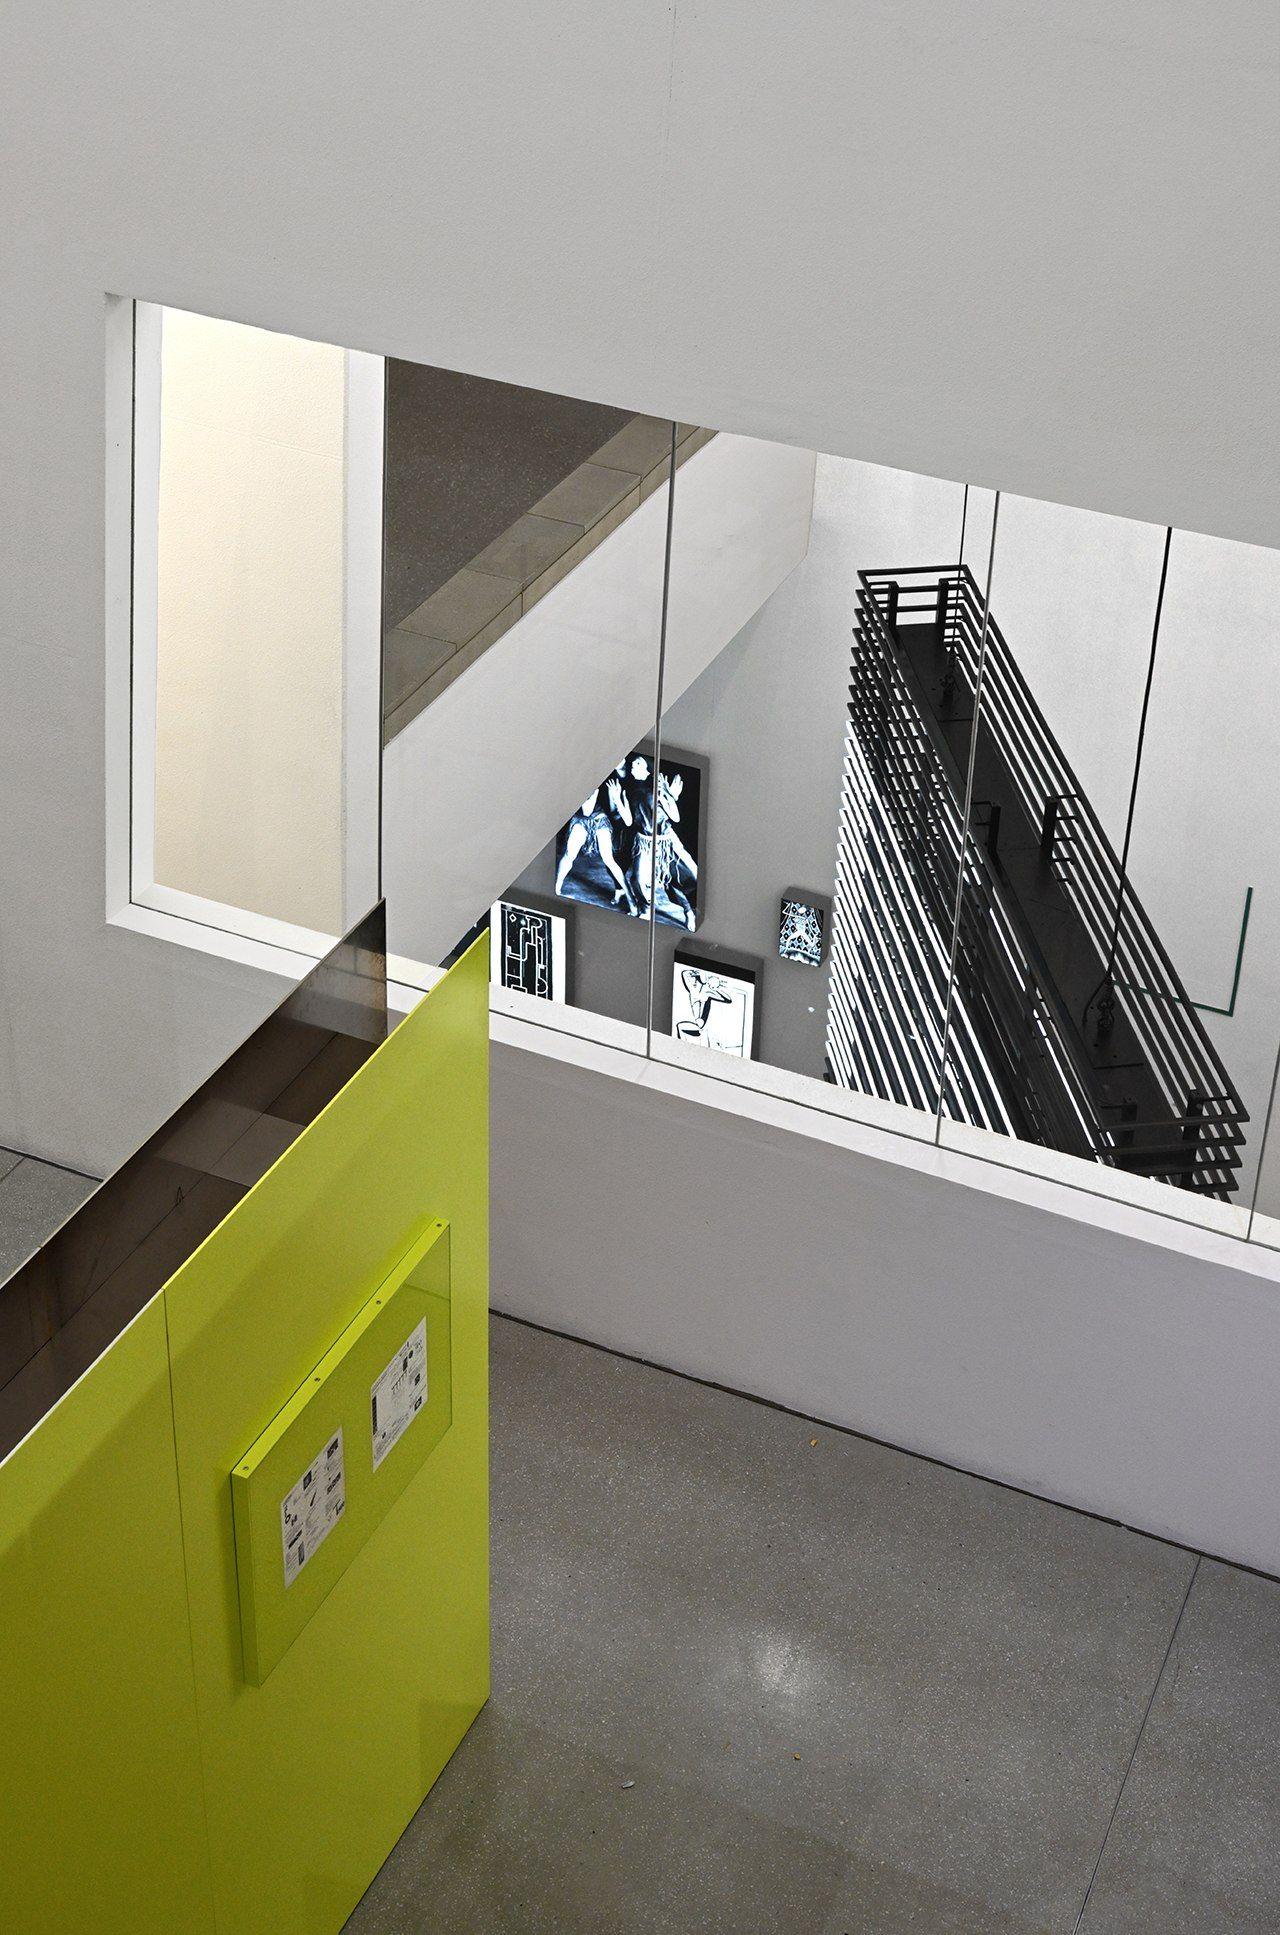 Bauhaus Museum by Heike Hanada opens in Weimar Weimar